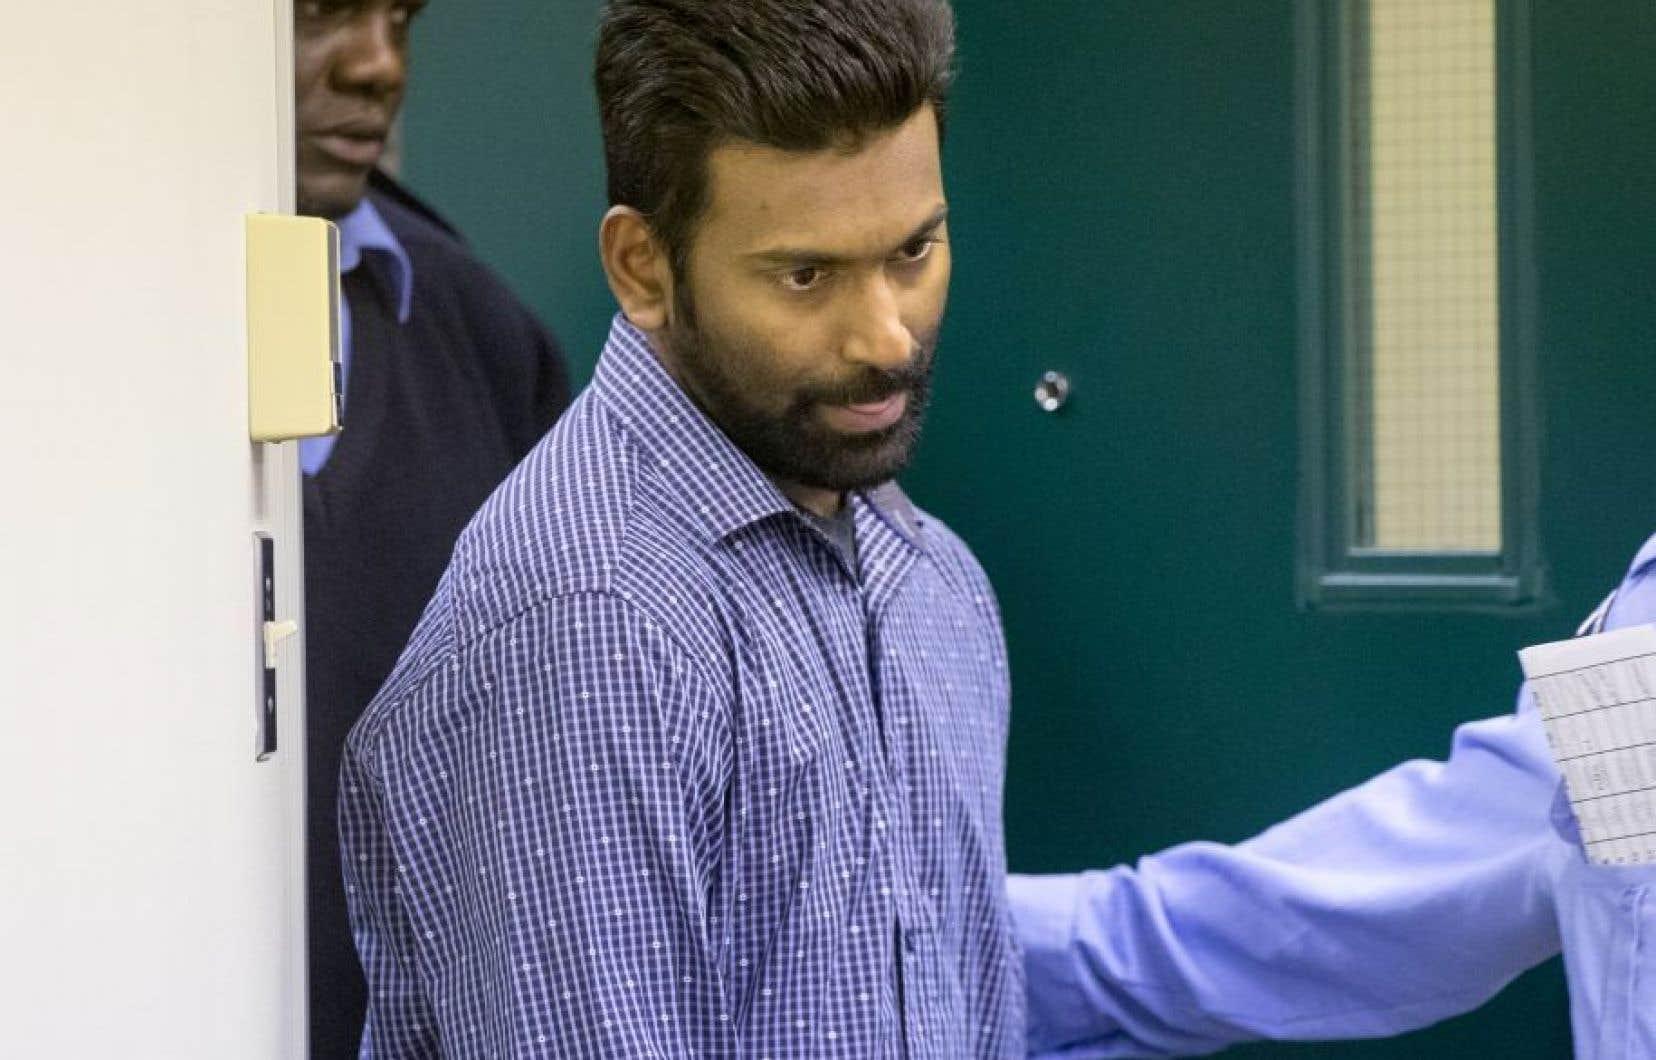 Sivaloganathan Thanabalasingham lors de son passage en cour, le 13 avril dernier